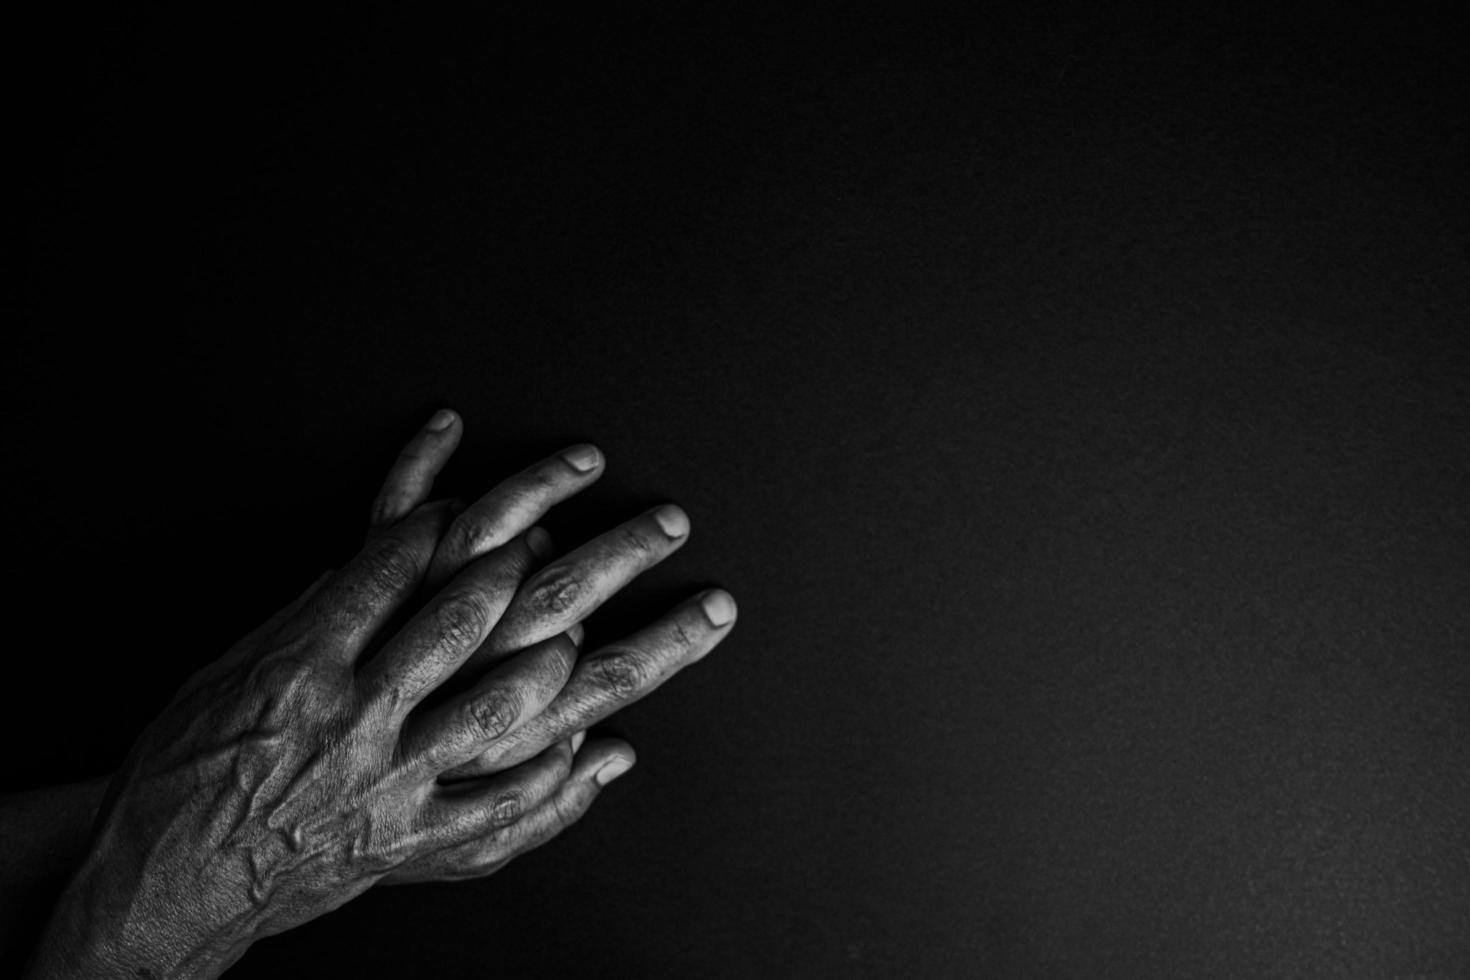 twee handen in zwart-wit foto